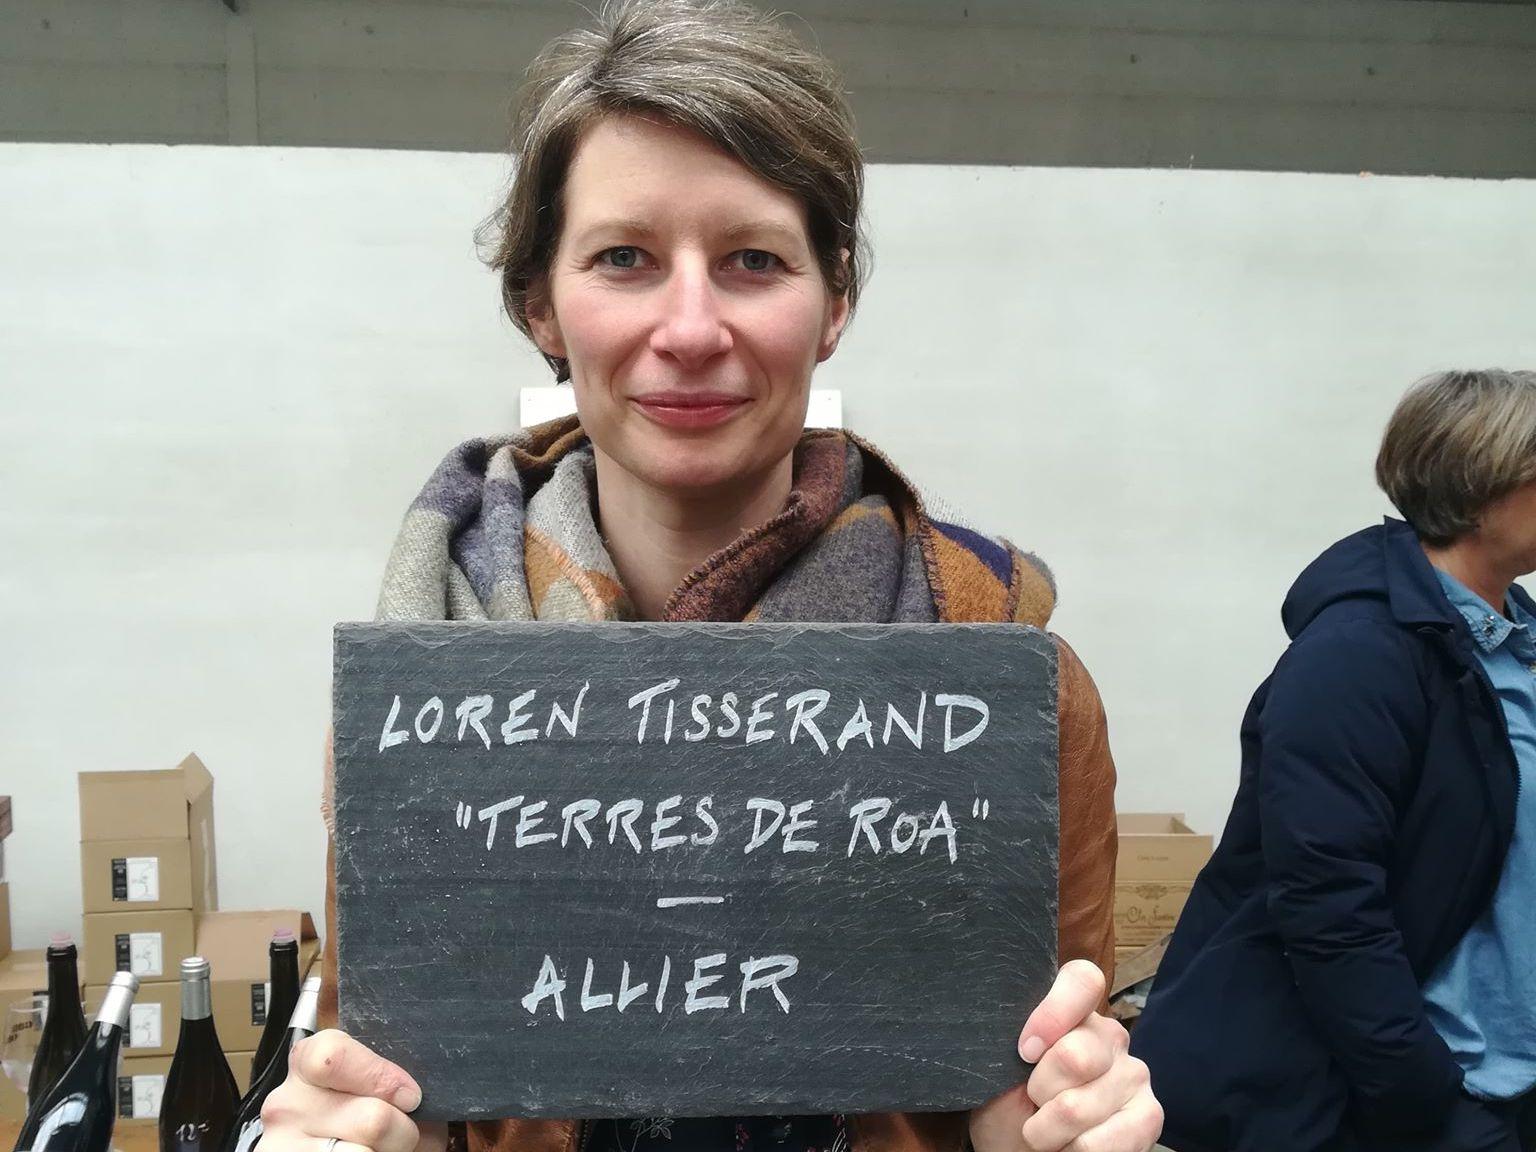 Immerpif, ép. 2 : C'était bien, chez Loren !